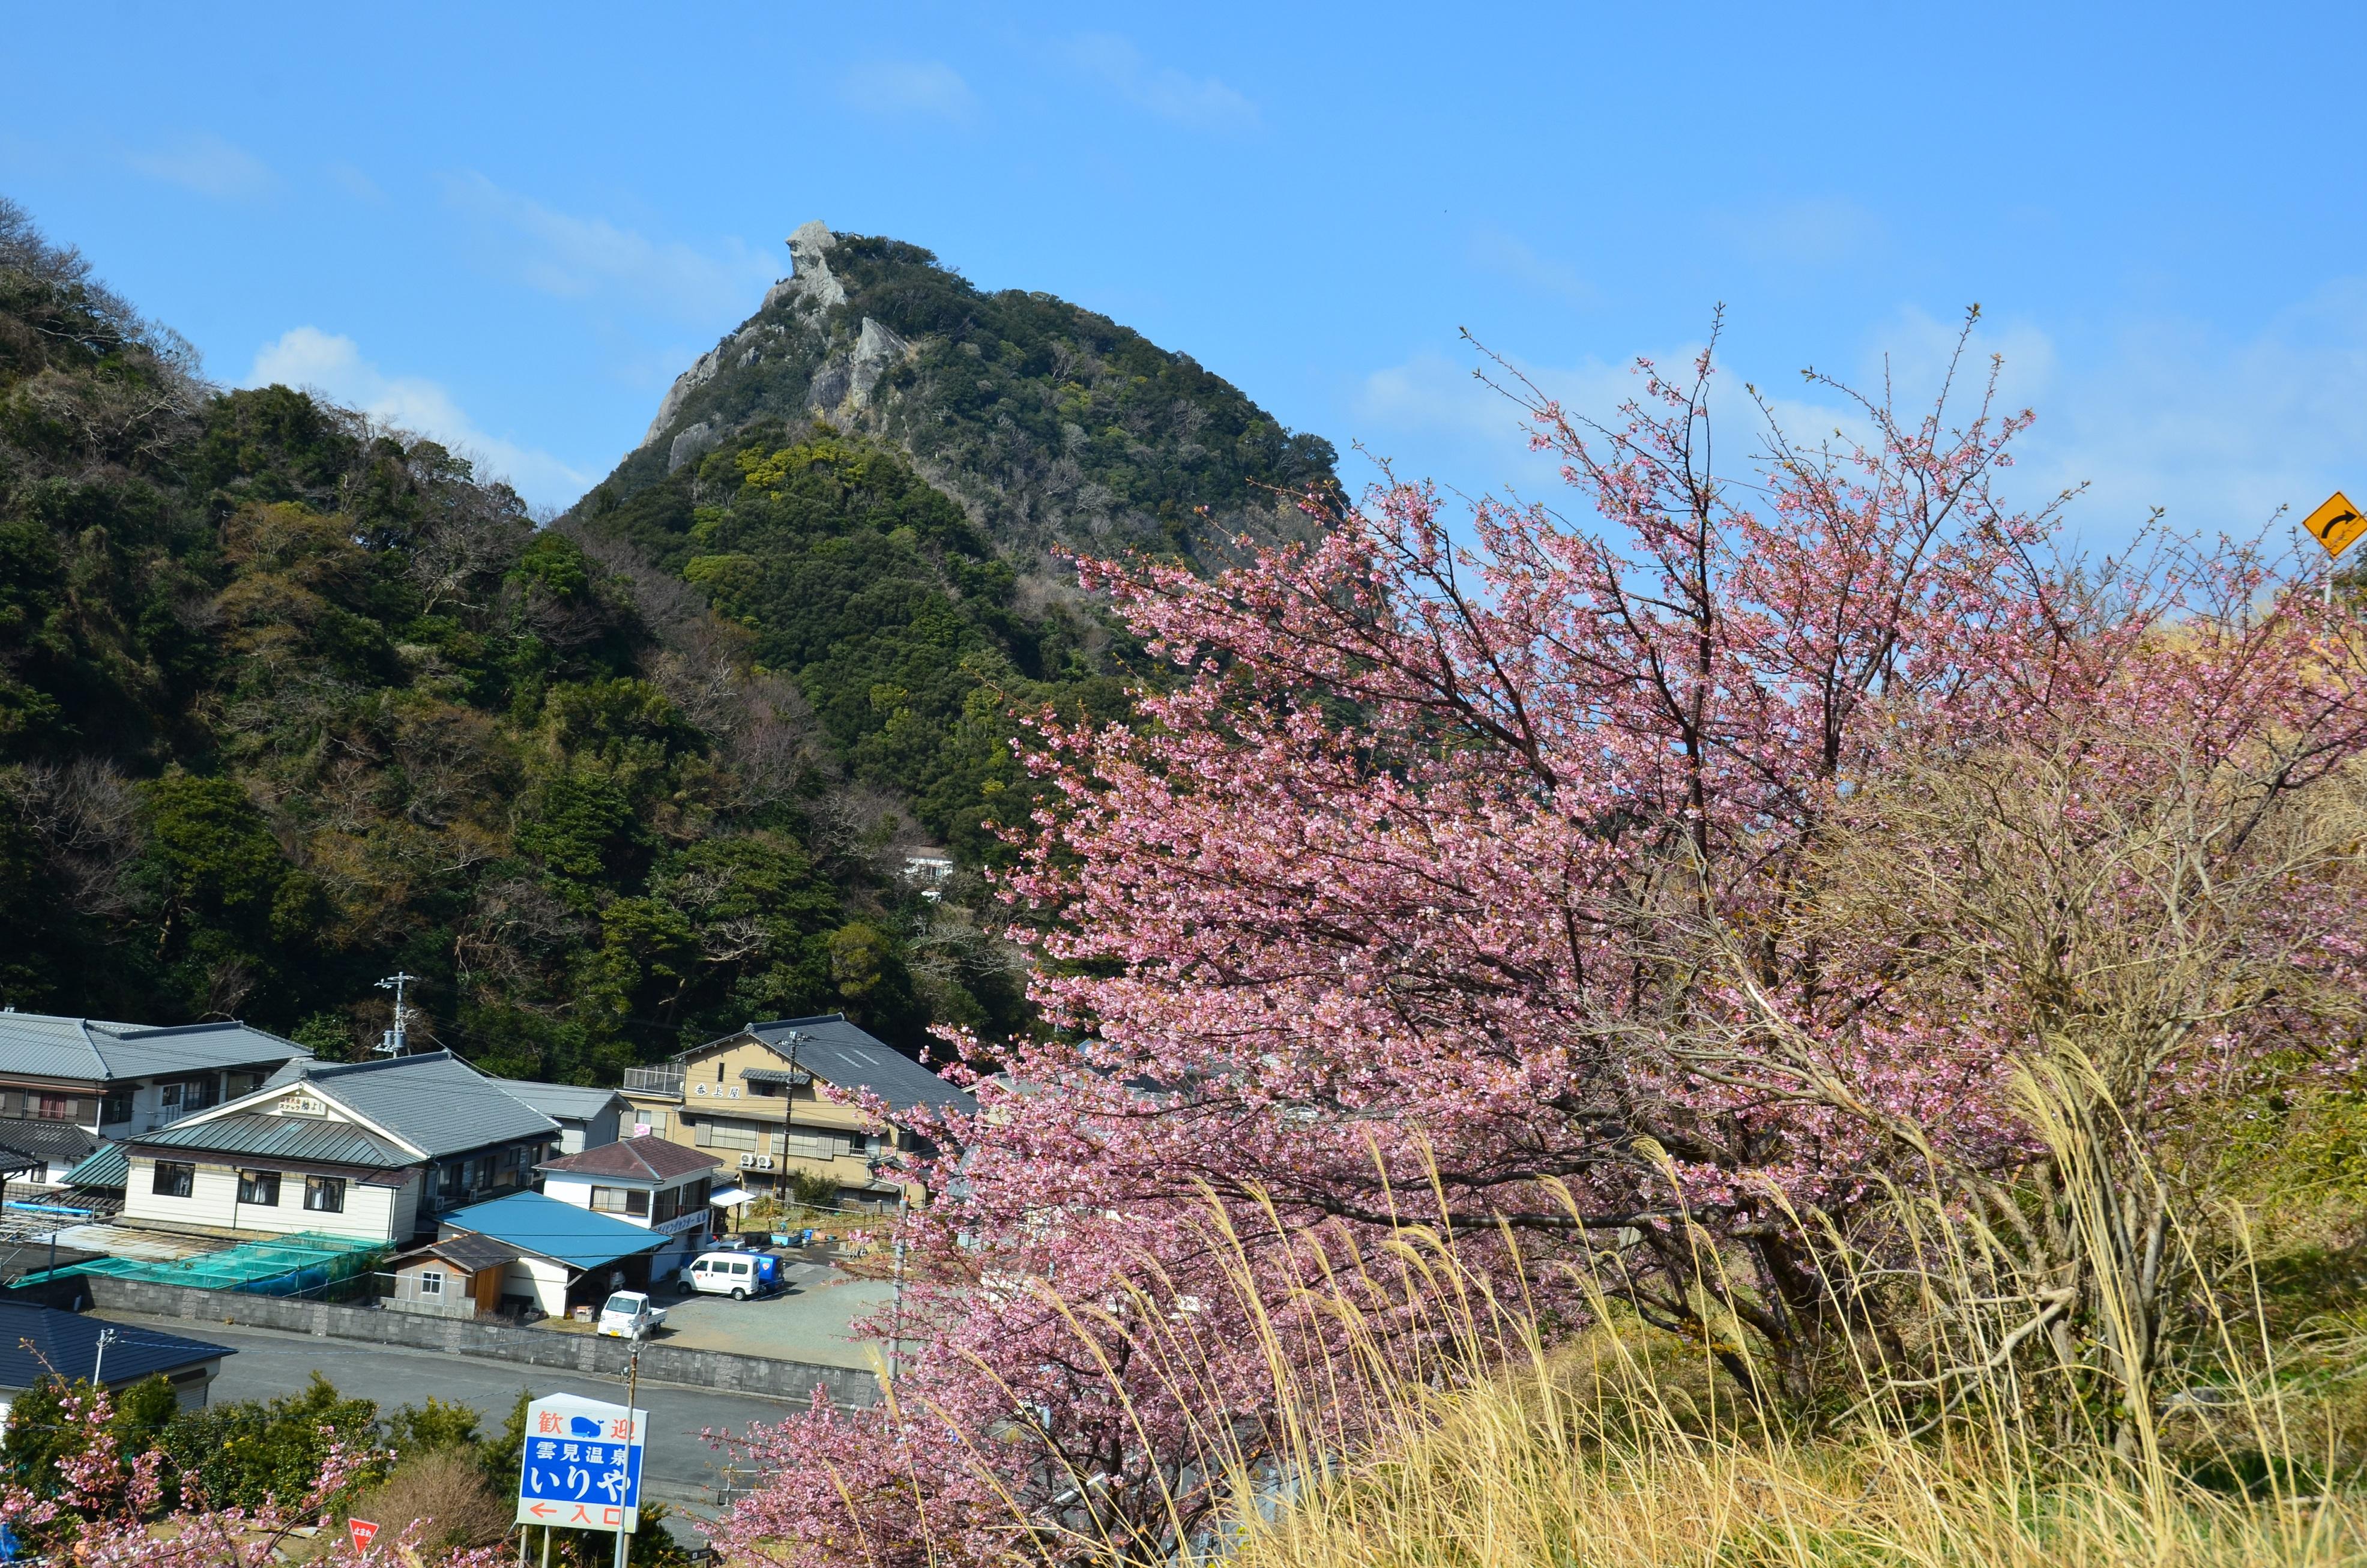 雲見入谷の河津桜が咲いています。